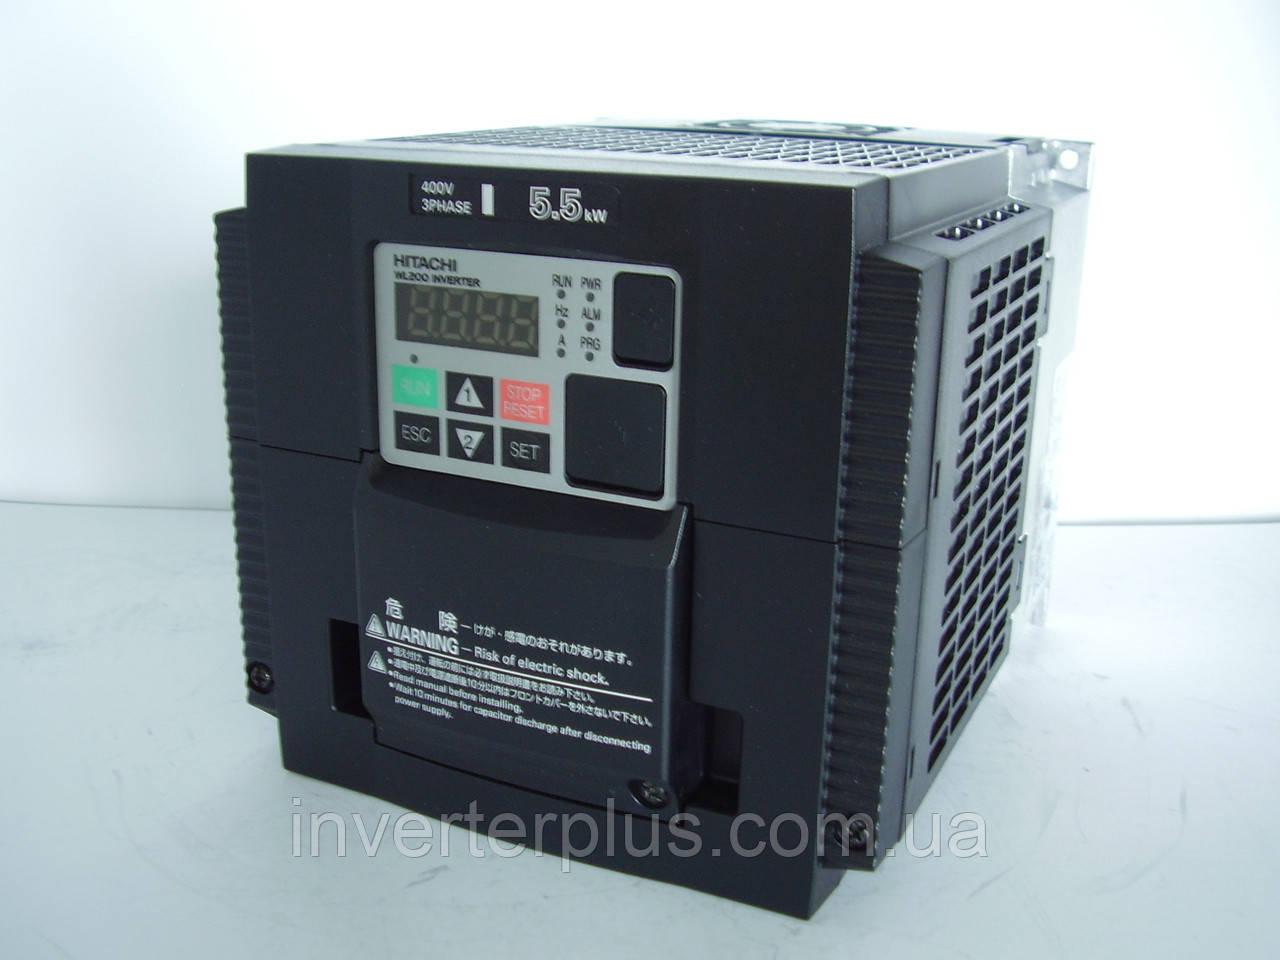 WL200-055НFE; 5,5кВт/380В. Інвертор Hitachi